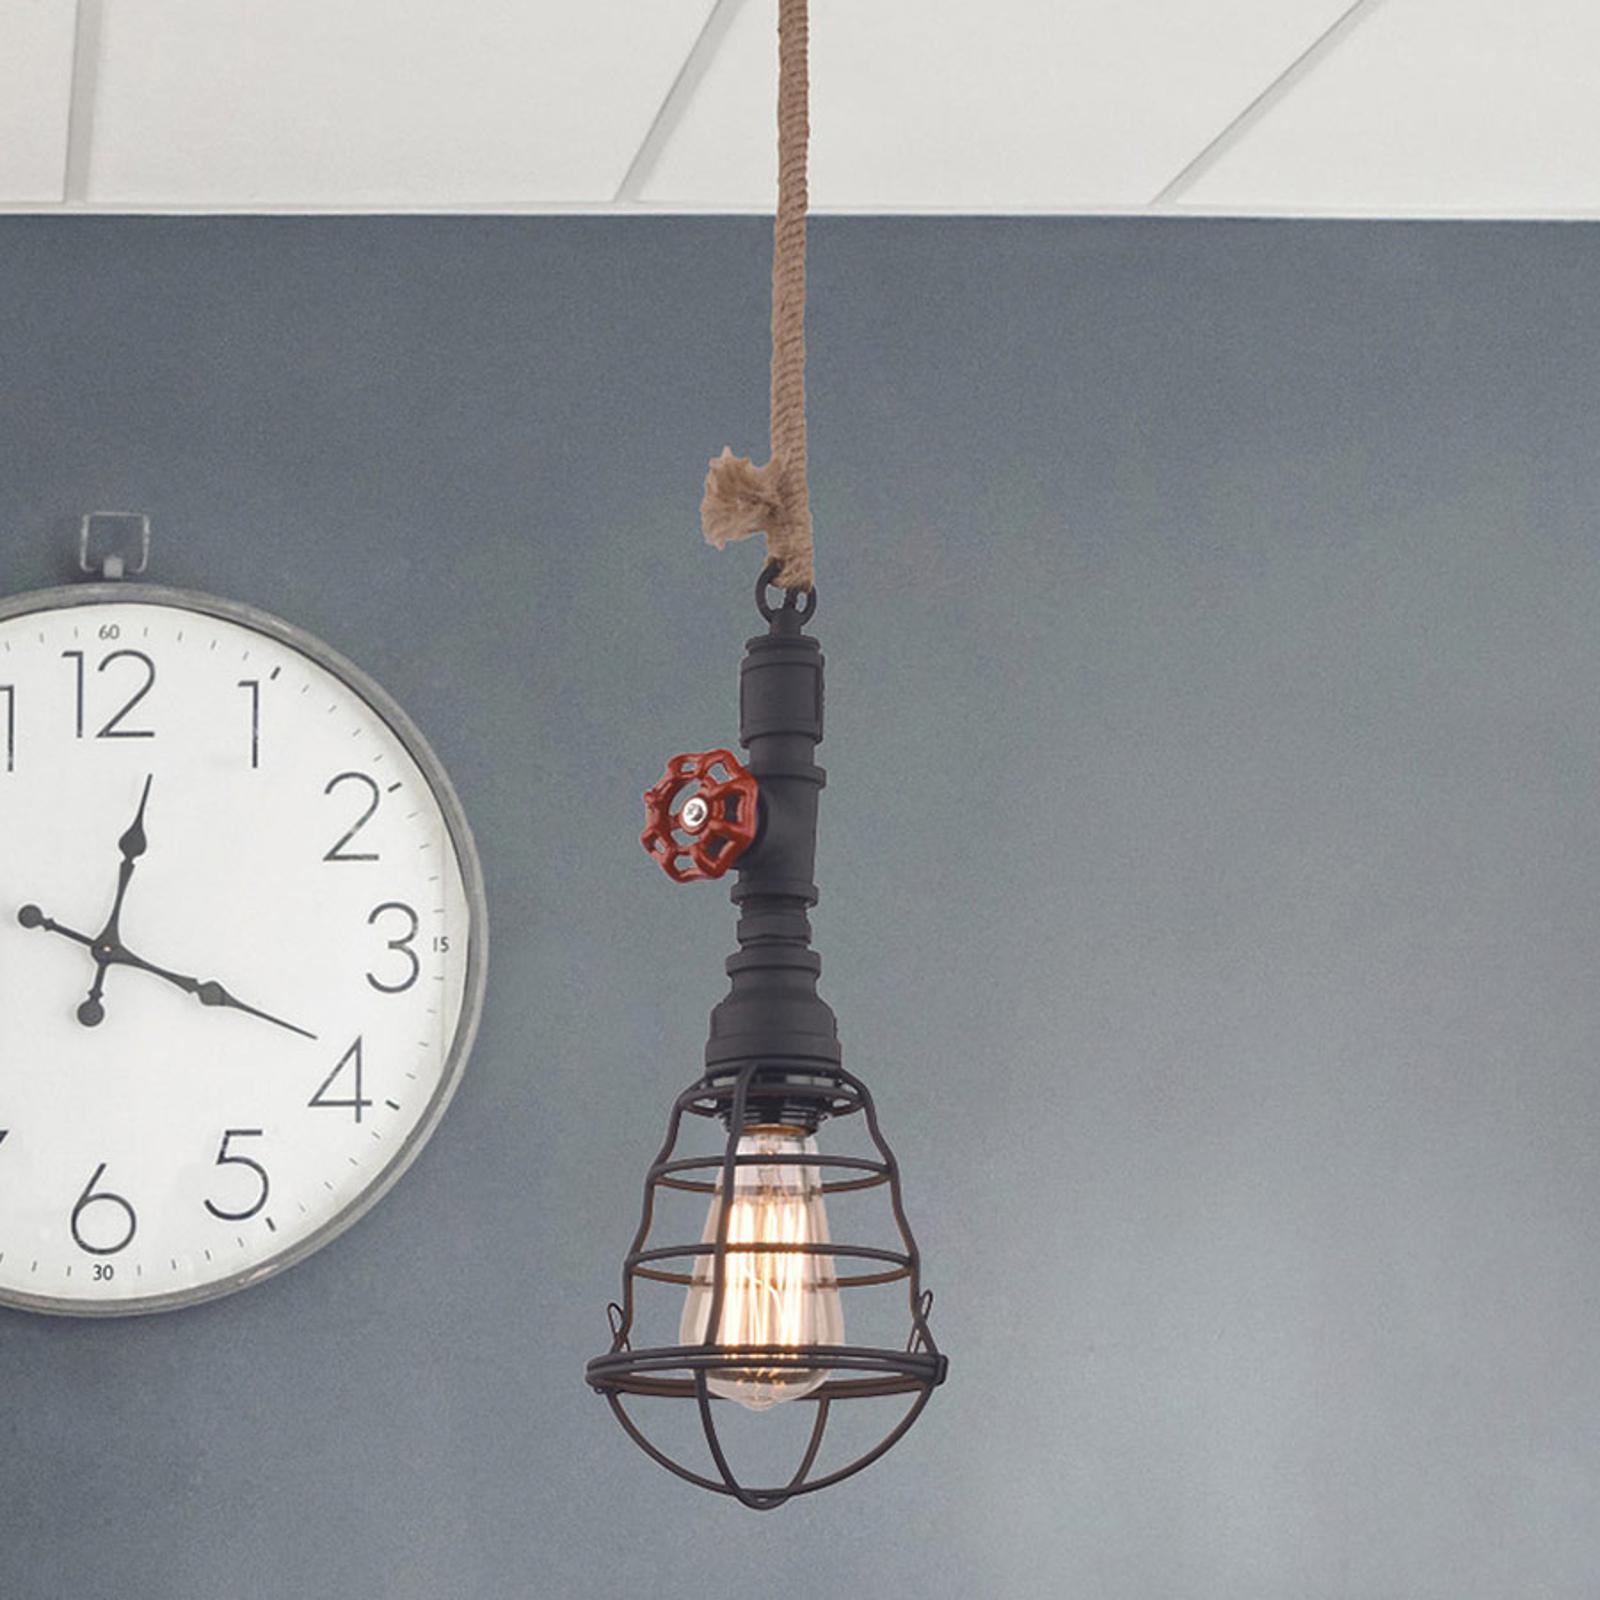 Lampa wisząca w wersji industrialnej, czarna